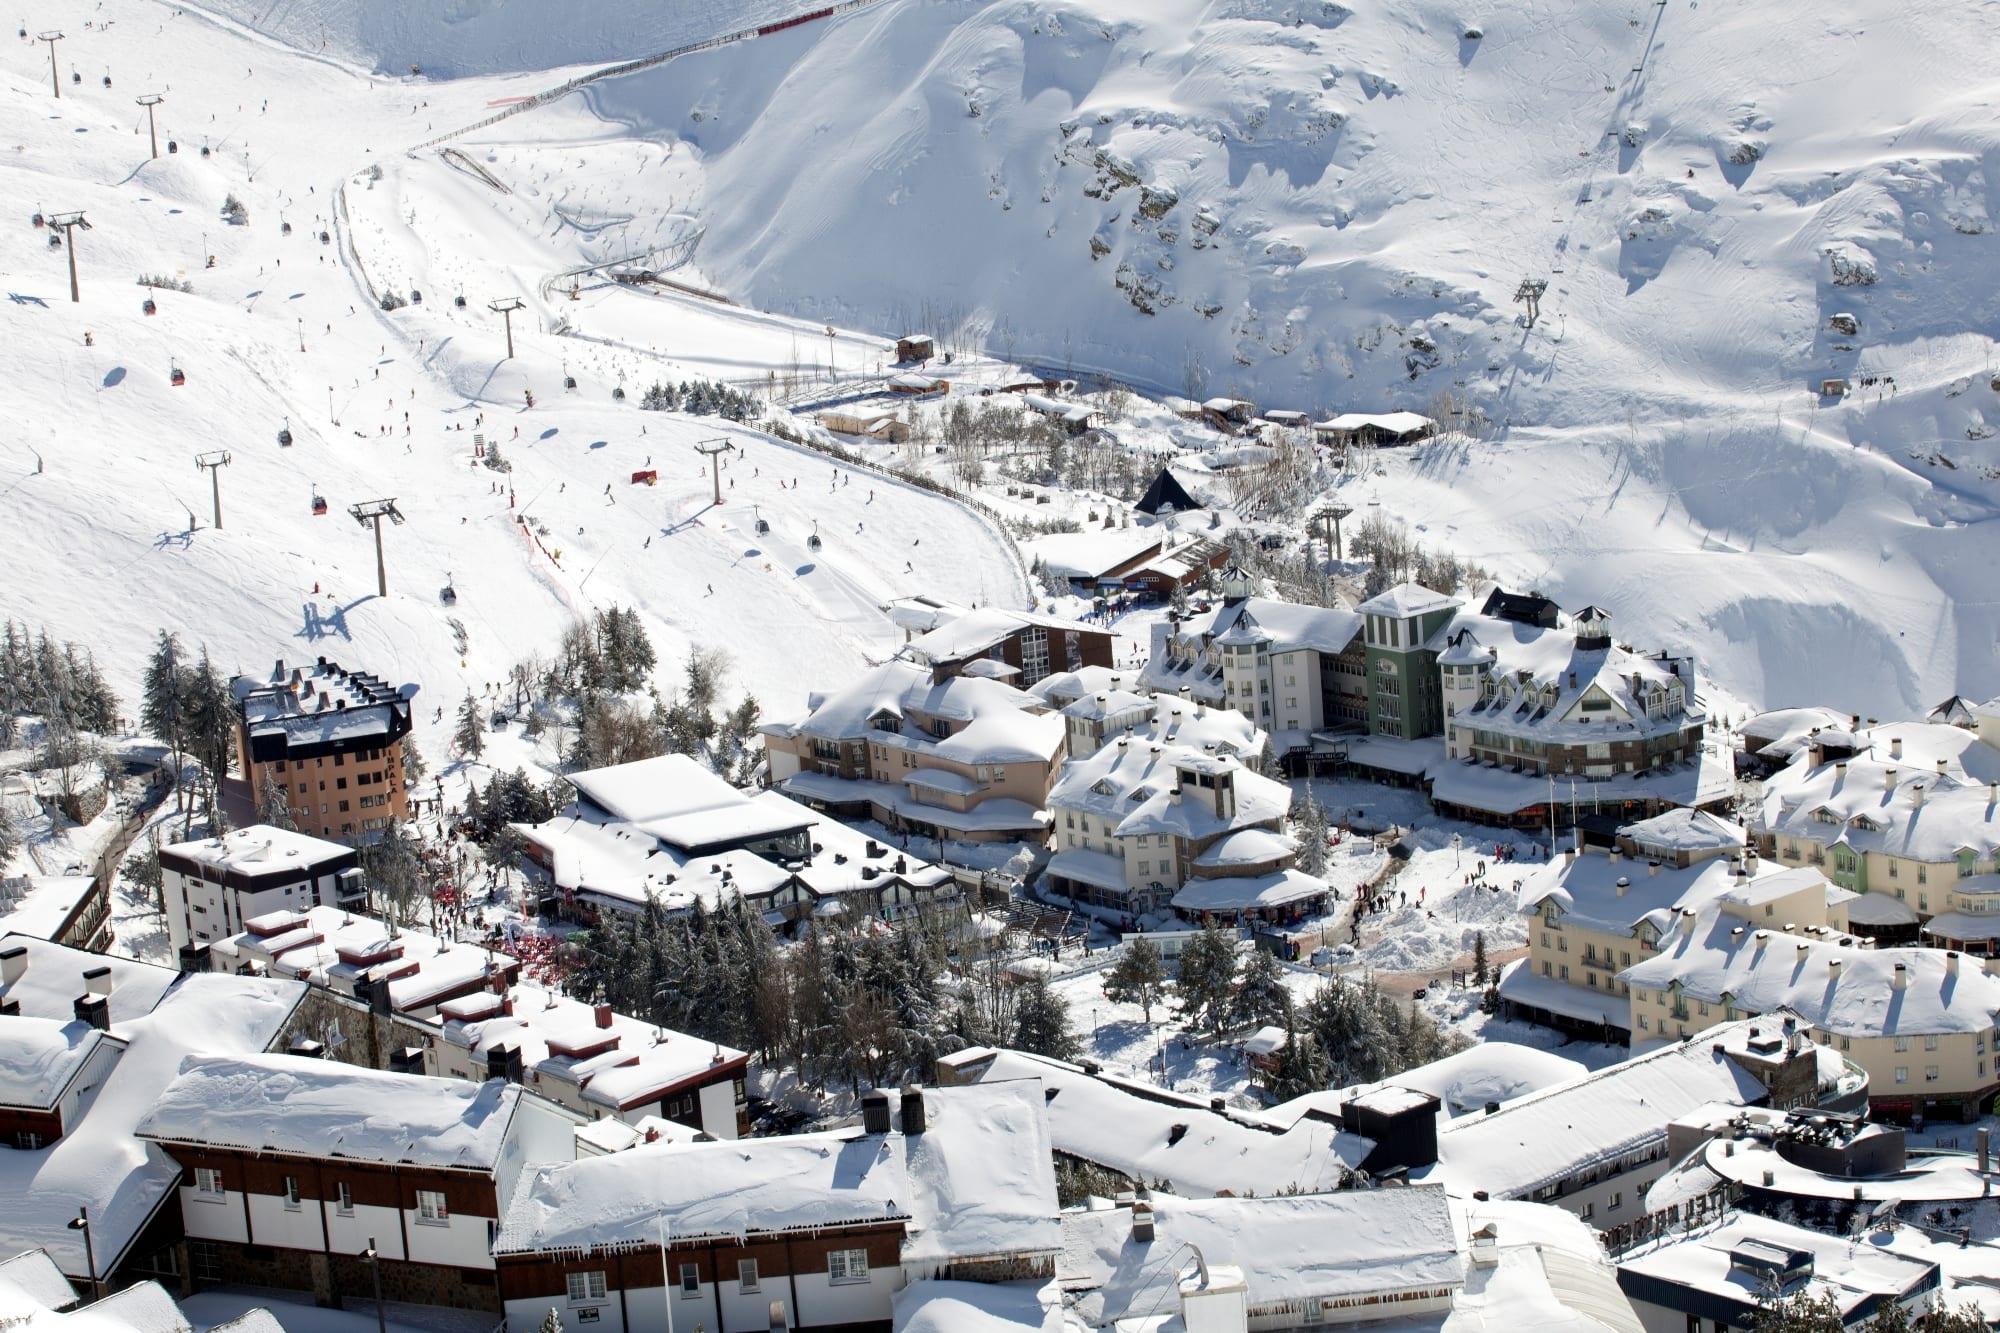 Sierra nevada o melhor do esqui na espanha - Apartamentos baratos en sierra nevada ...